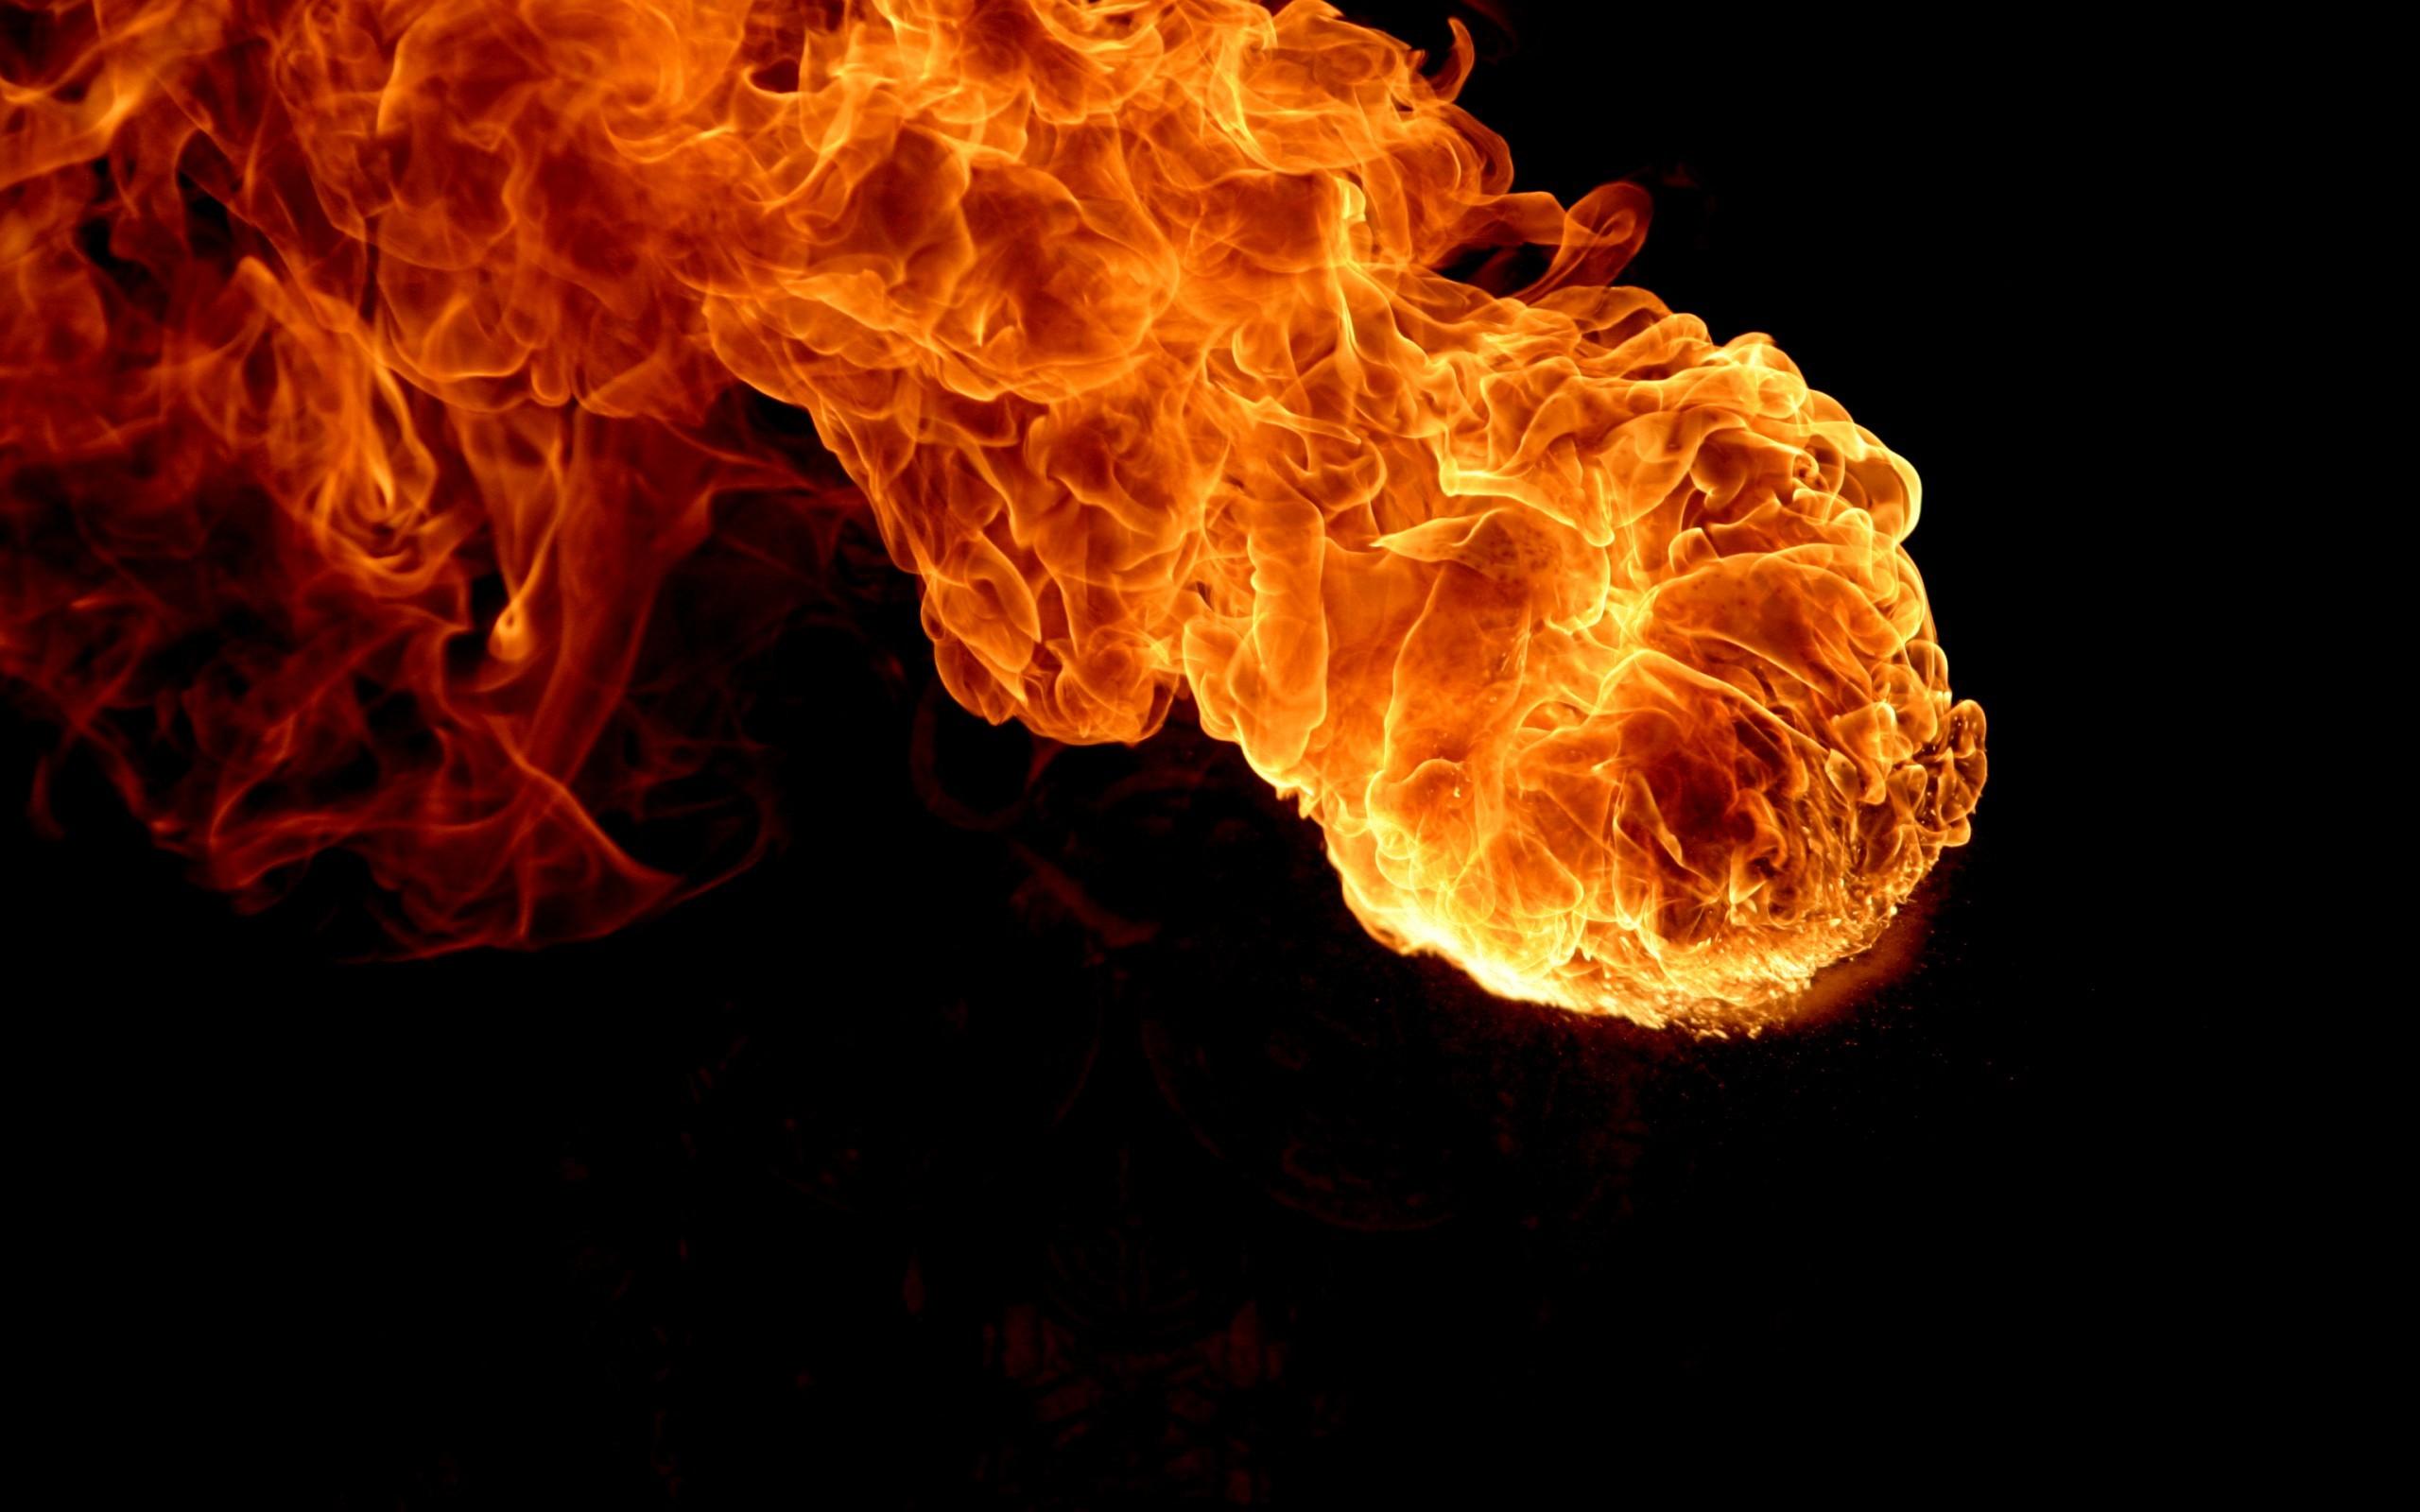 Fire Wallpaper 9224